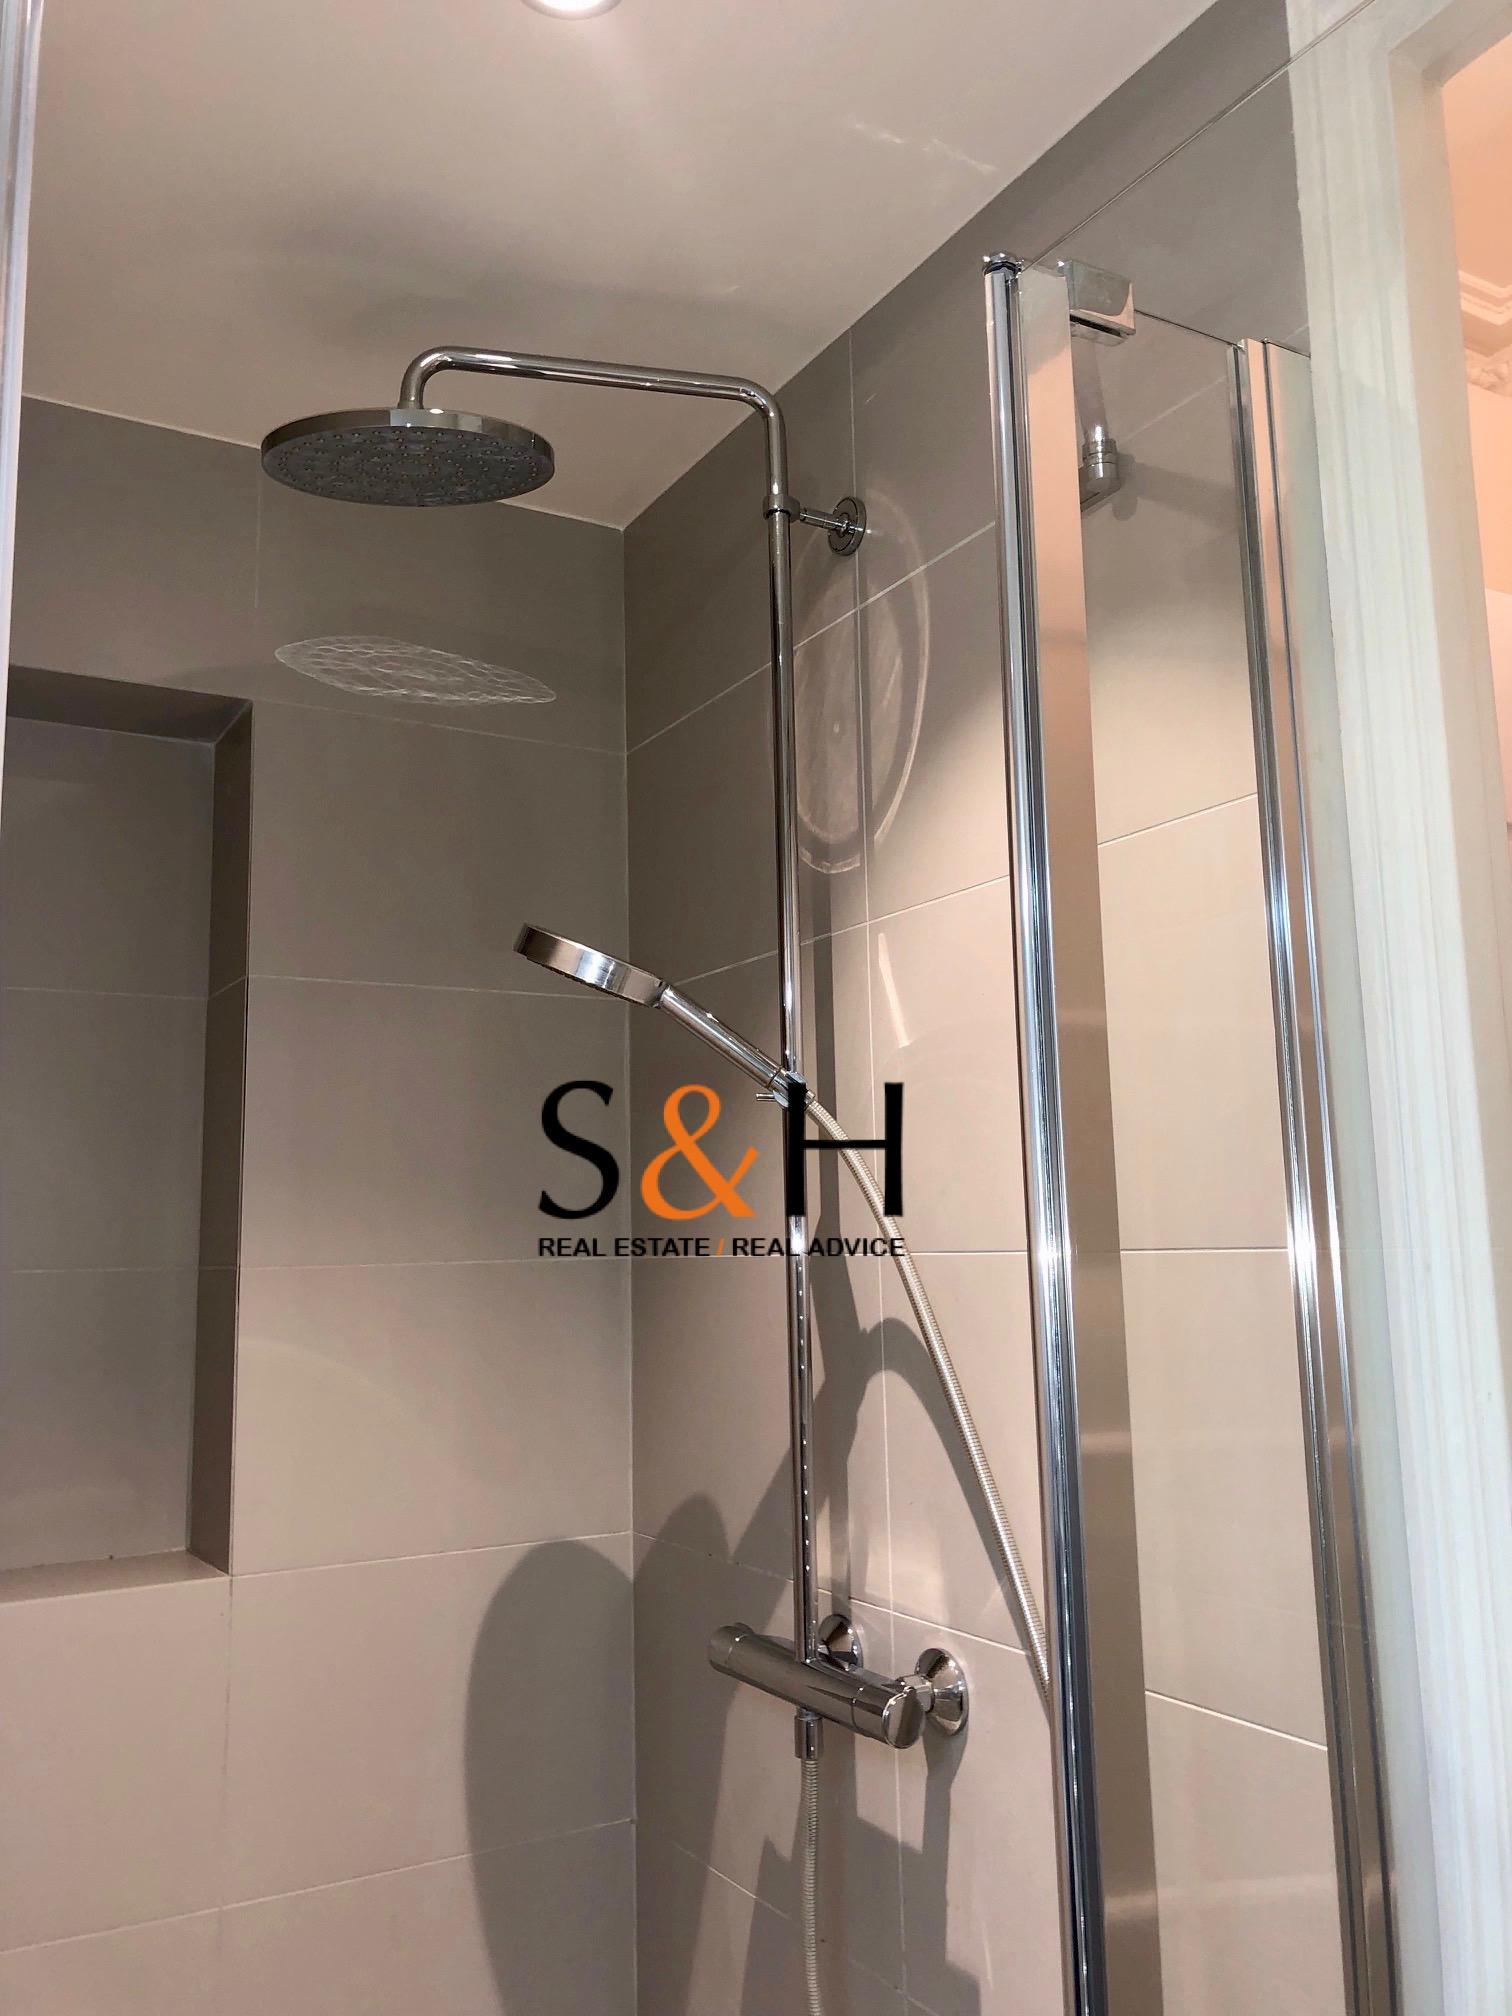 S&H Real Estate Studio rue Bélanger Neuilly/Seine